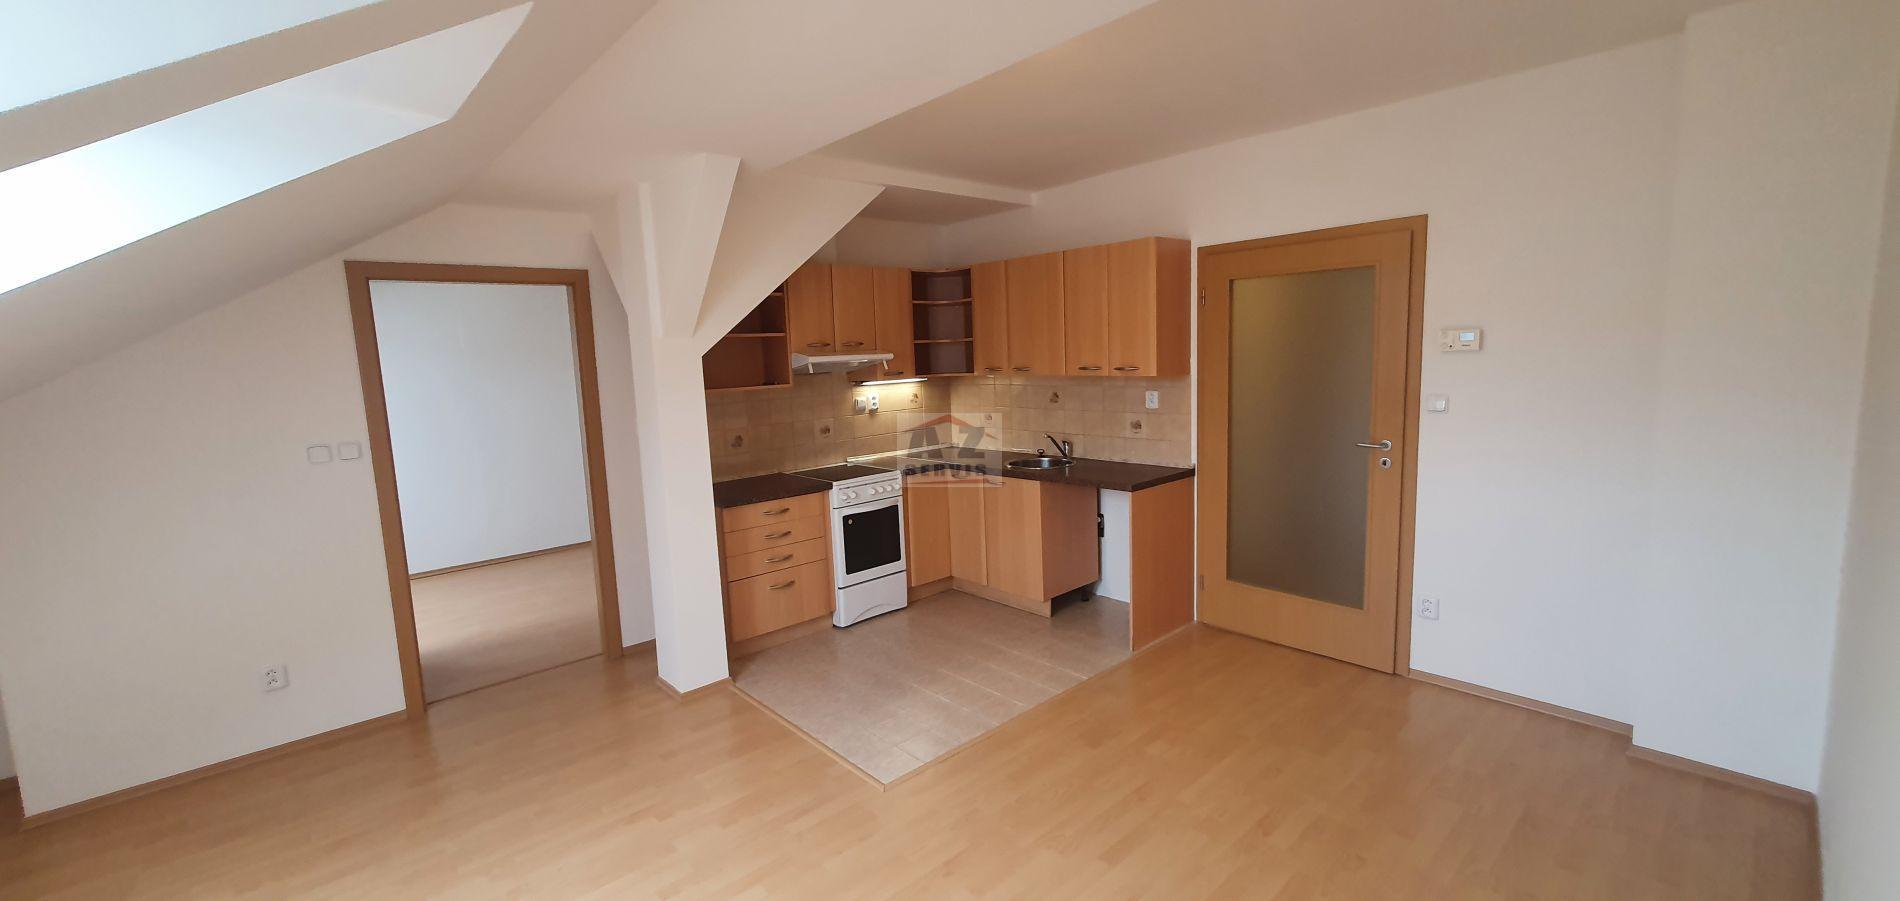 Světlý podkrovní byt 2+kk 47m2 Praha 7- ulice Kamenická